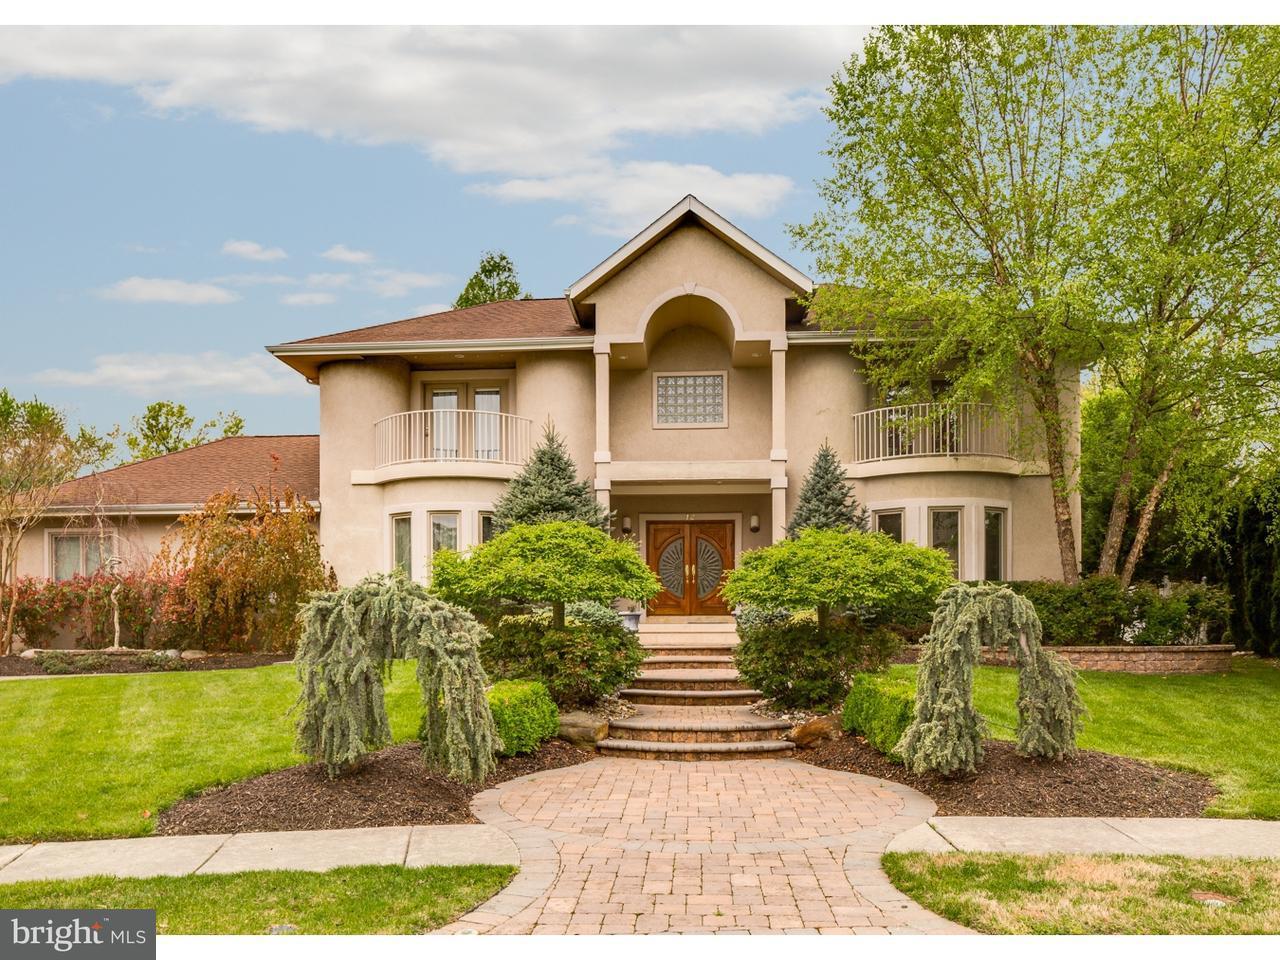 独户住宅 为 销售 在 12 CARRIAGE HOUSE Court Cherry Hill, 新泽西州 08003 美国